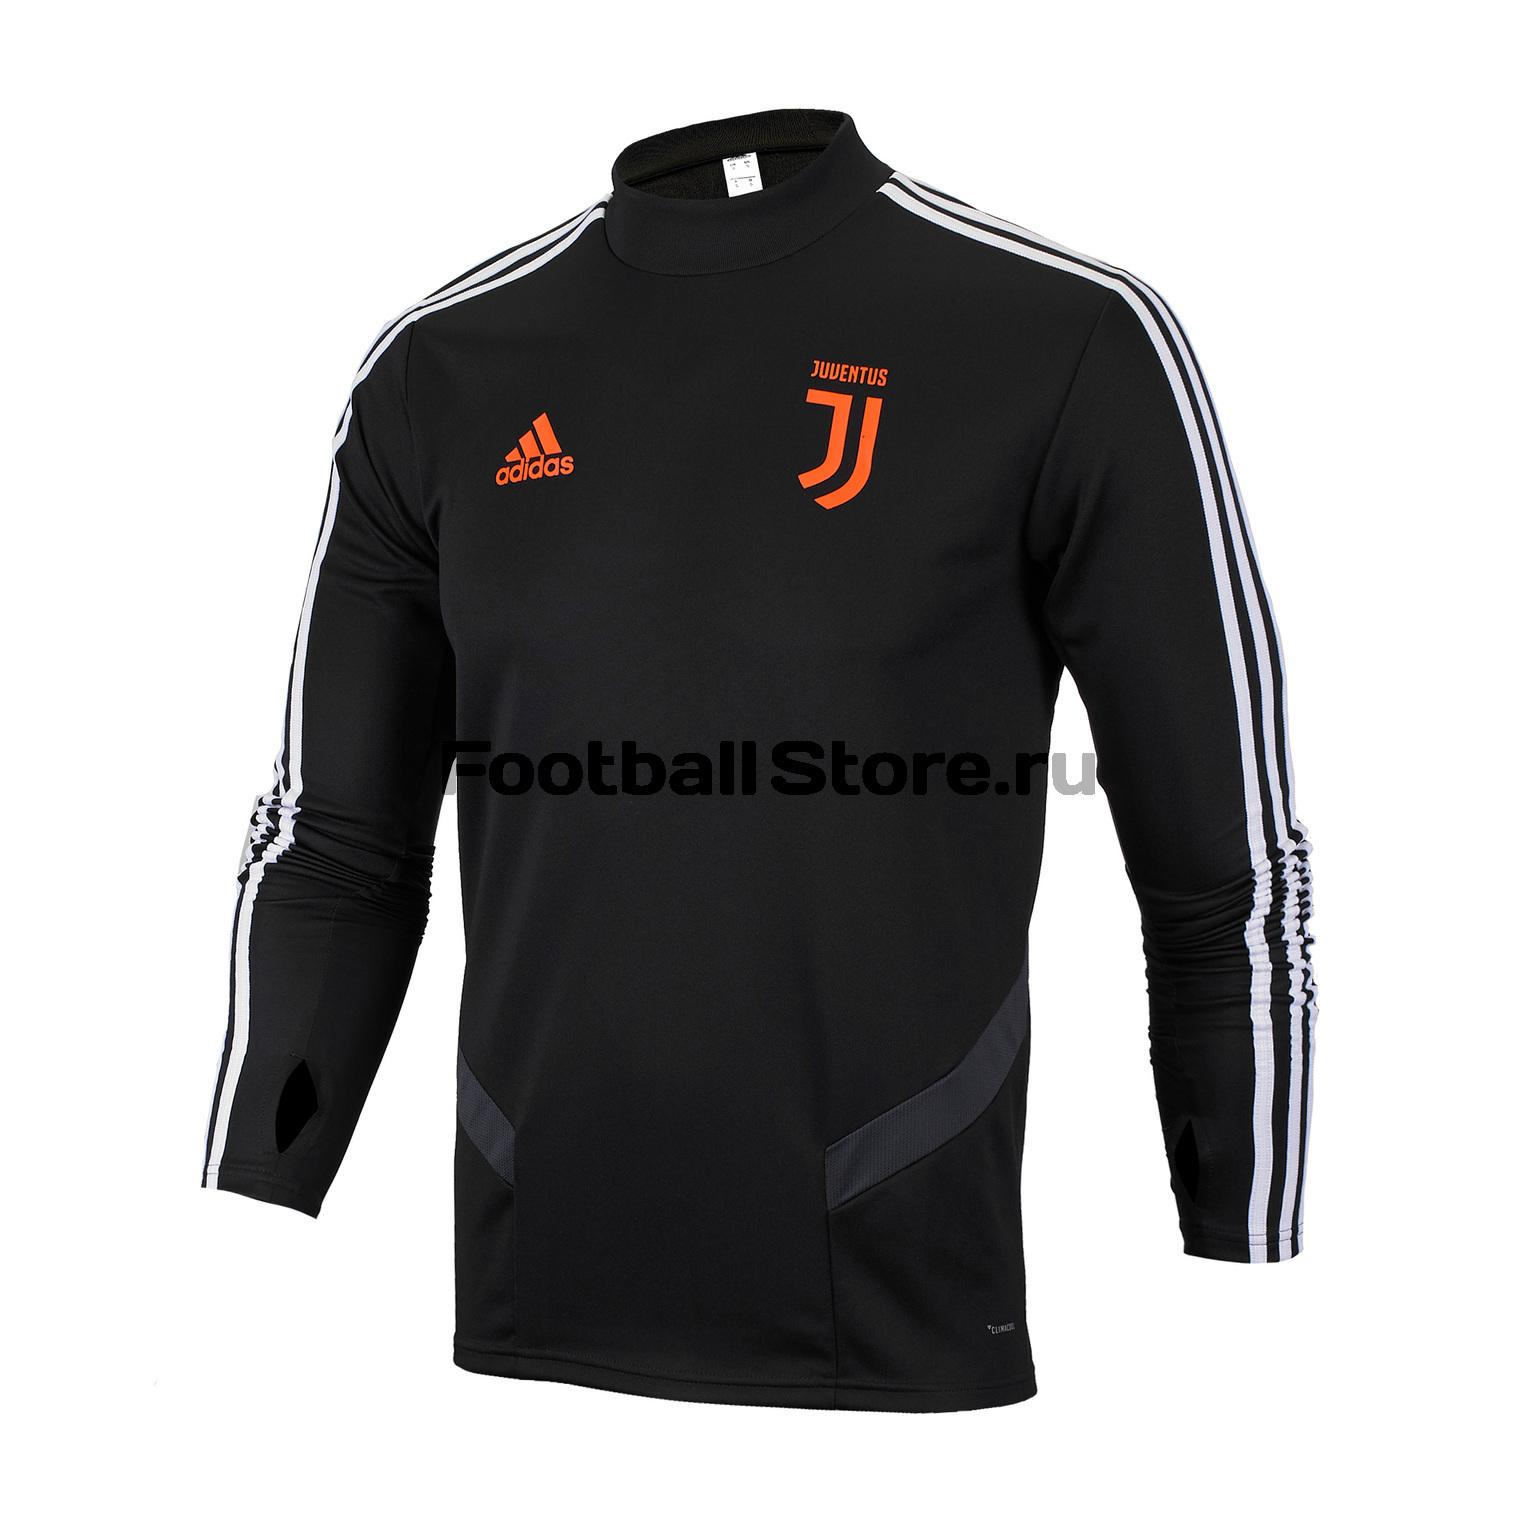 Свитер тренировочный Adidas Juventus DX9143 цена